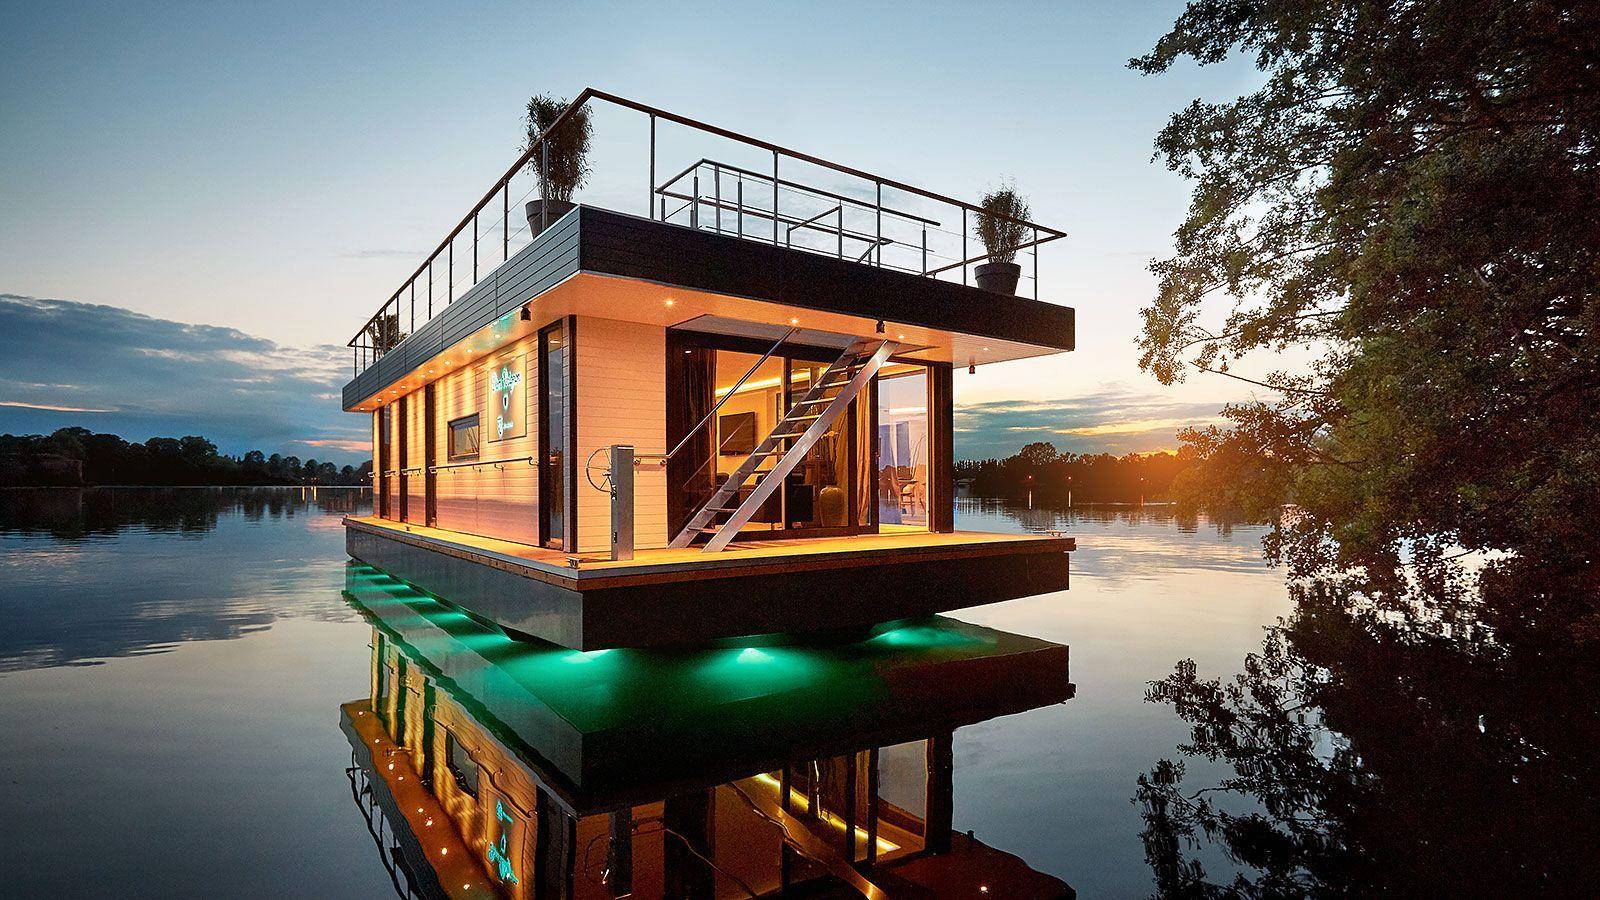 Showcase episode: Luxury floating penthouse boats